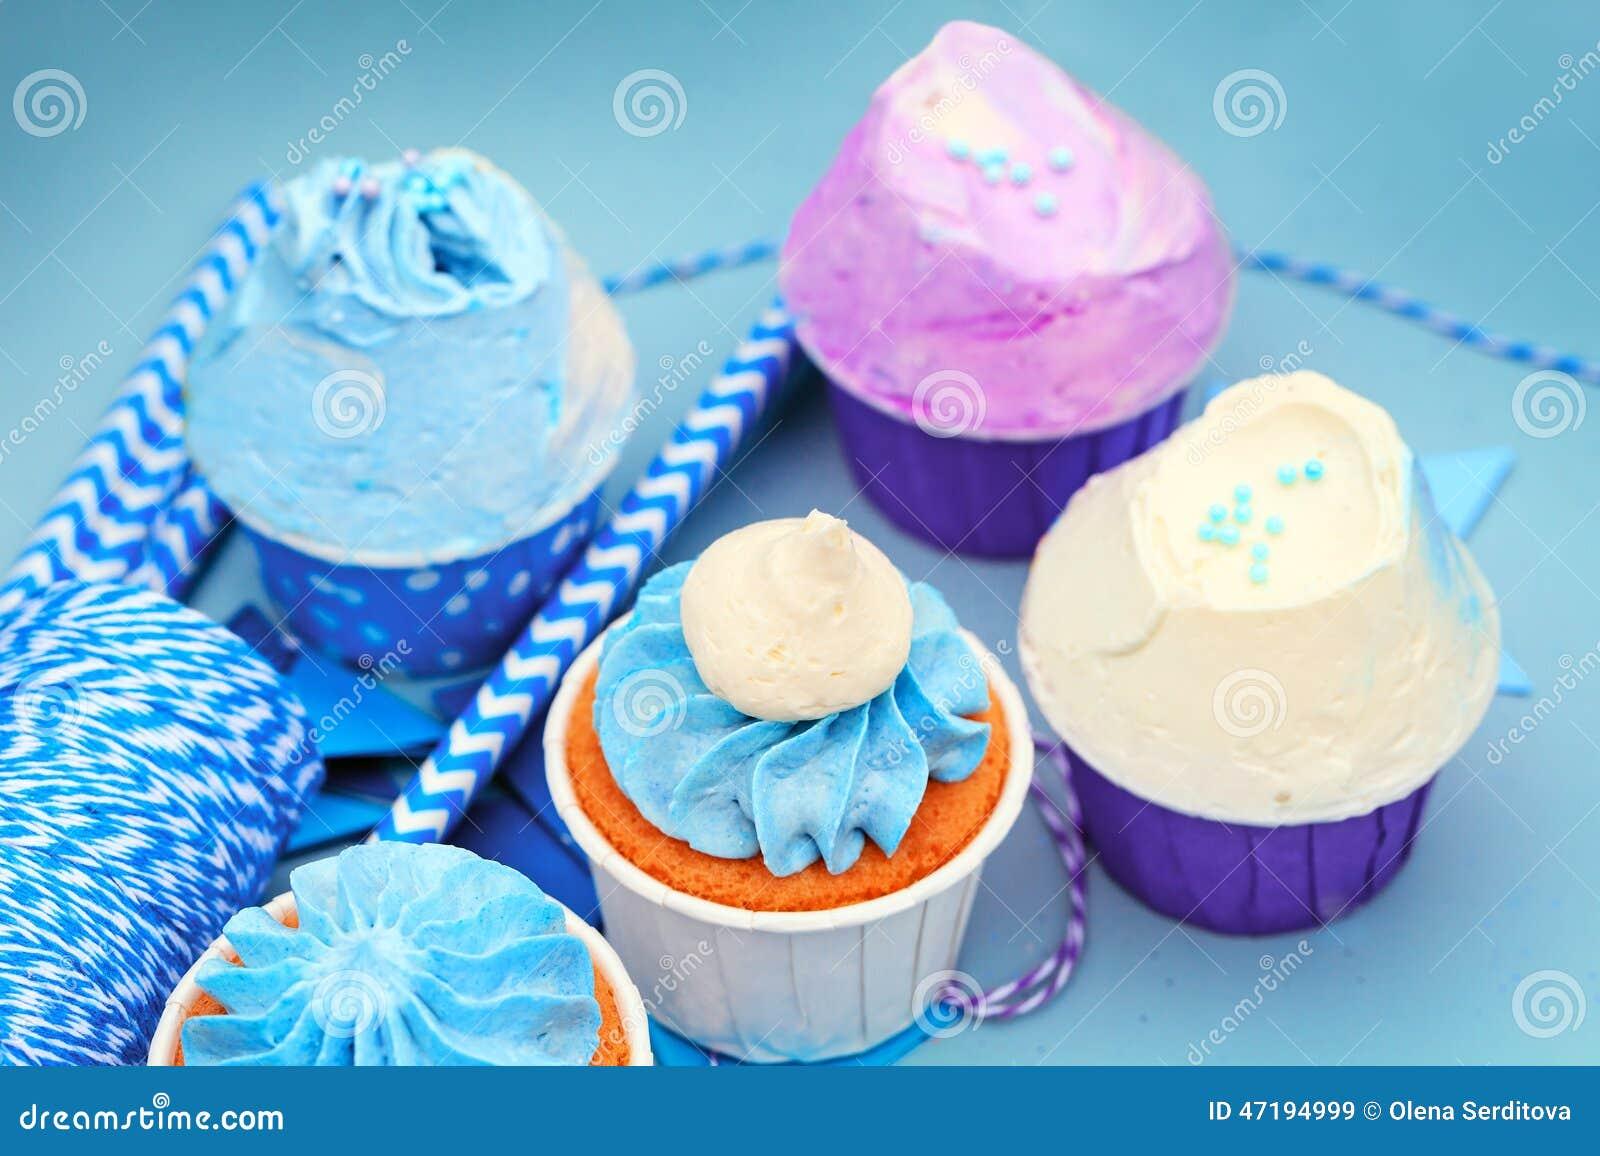 Süße Feiertagsdekoration mit klaren kleinen Kuchen